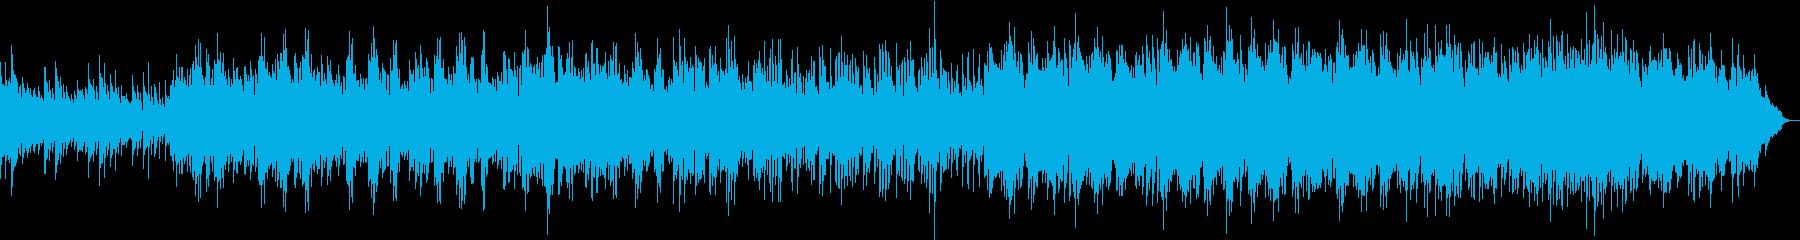 企業VPや映像に感動ストリングス・ピアノの再生済みの波形